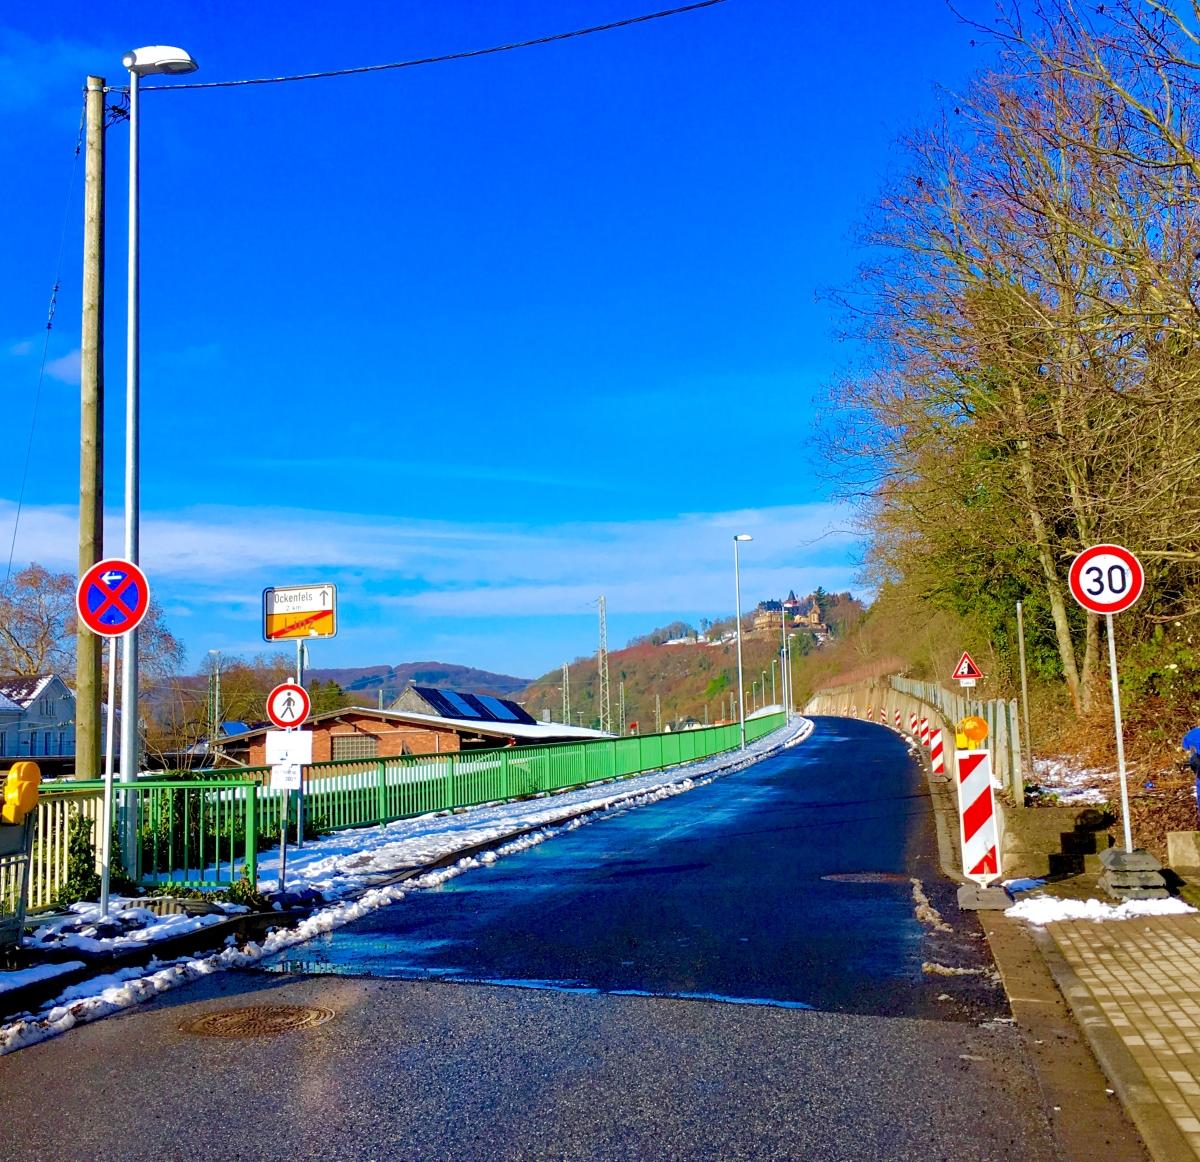 K11 Linz Ockenfels wieder in beide richtungen befahrbar